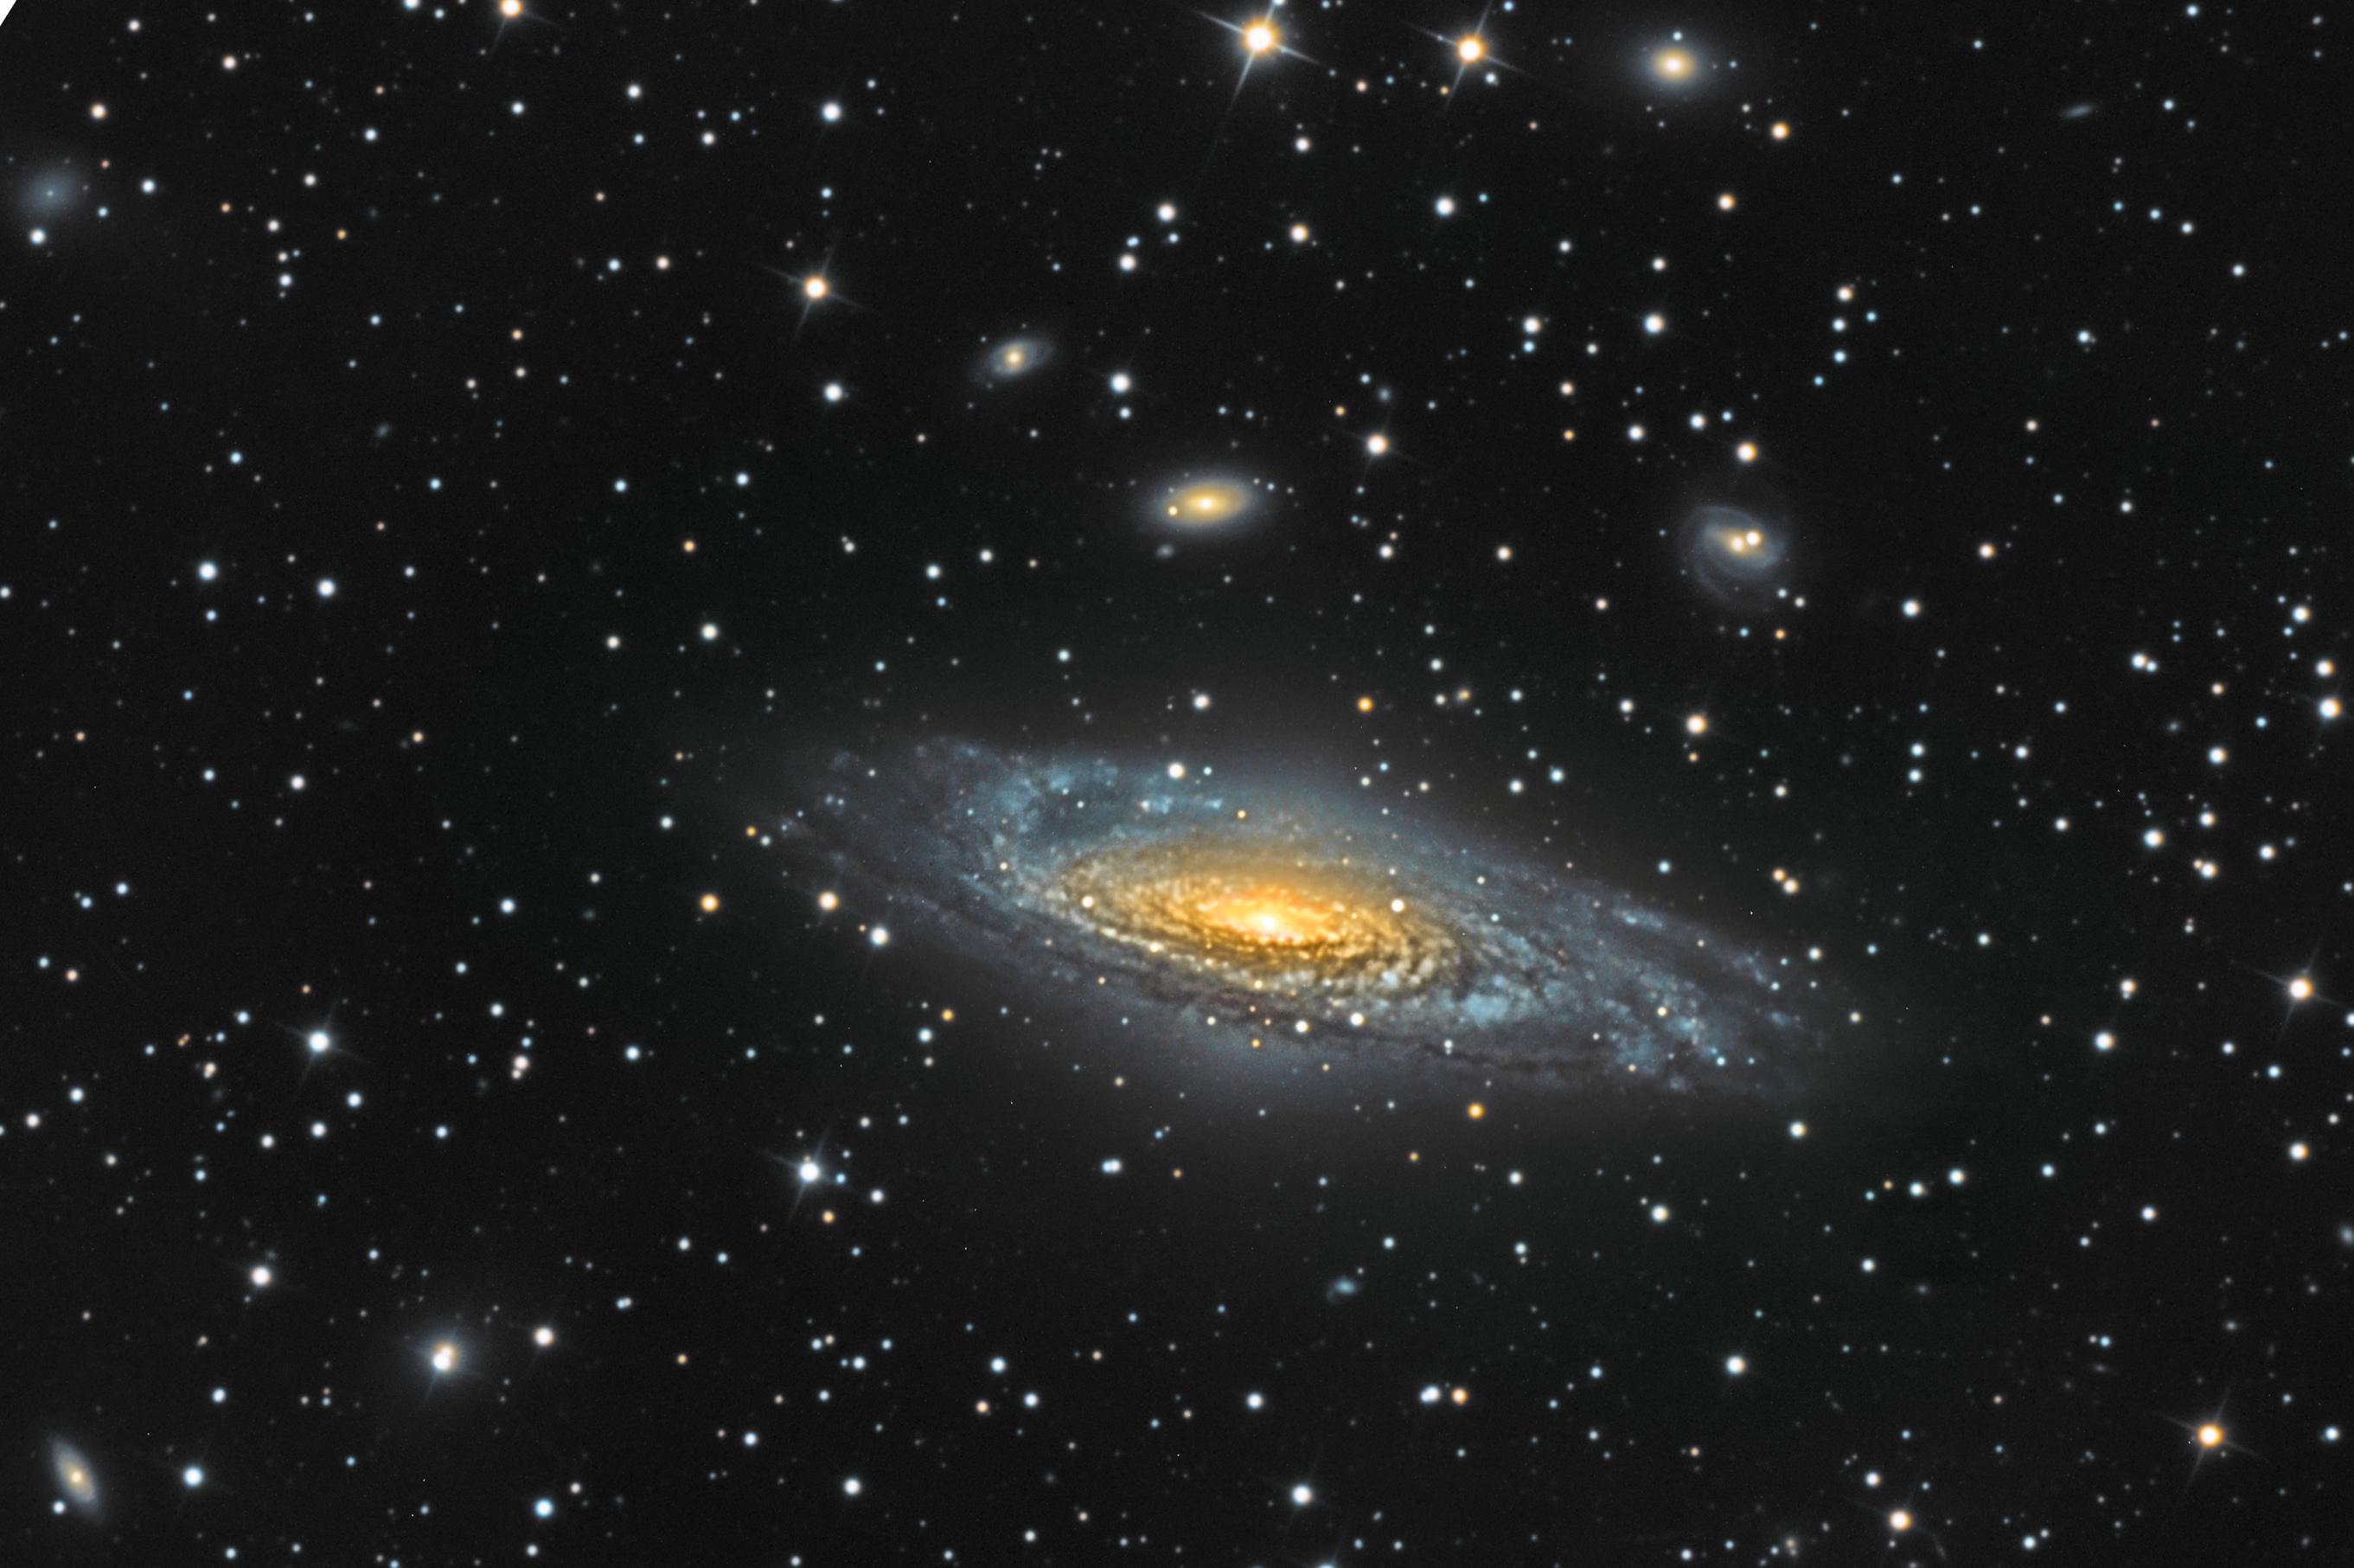 NGC7331 Galaxie dans la constellation de pégase